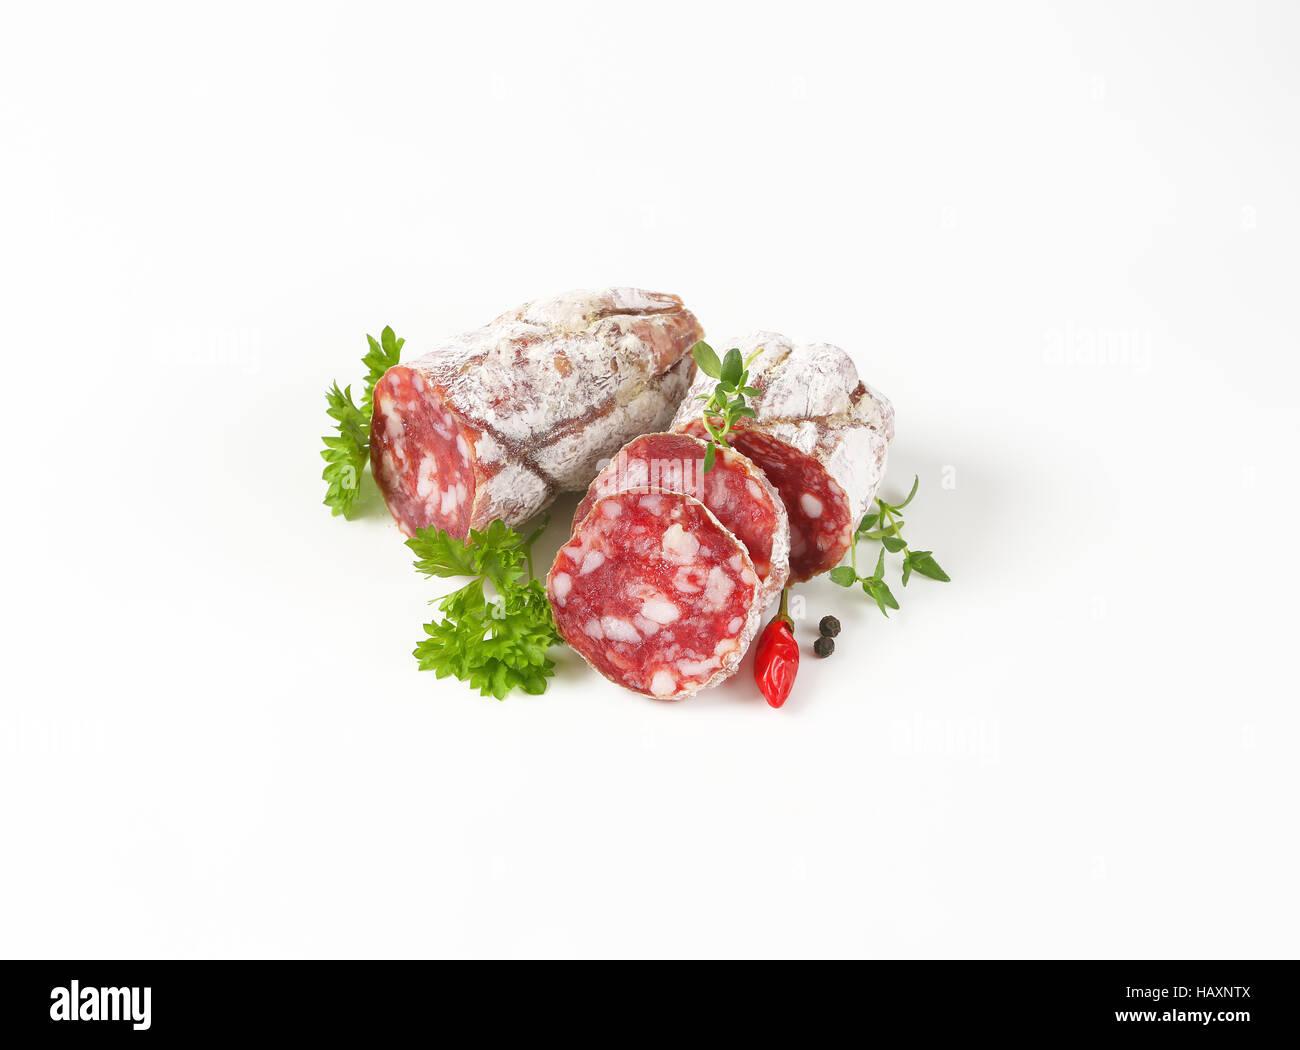 Saucisson sec français - saucisse de salaison à sec Photo Stock